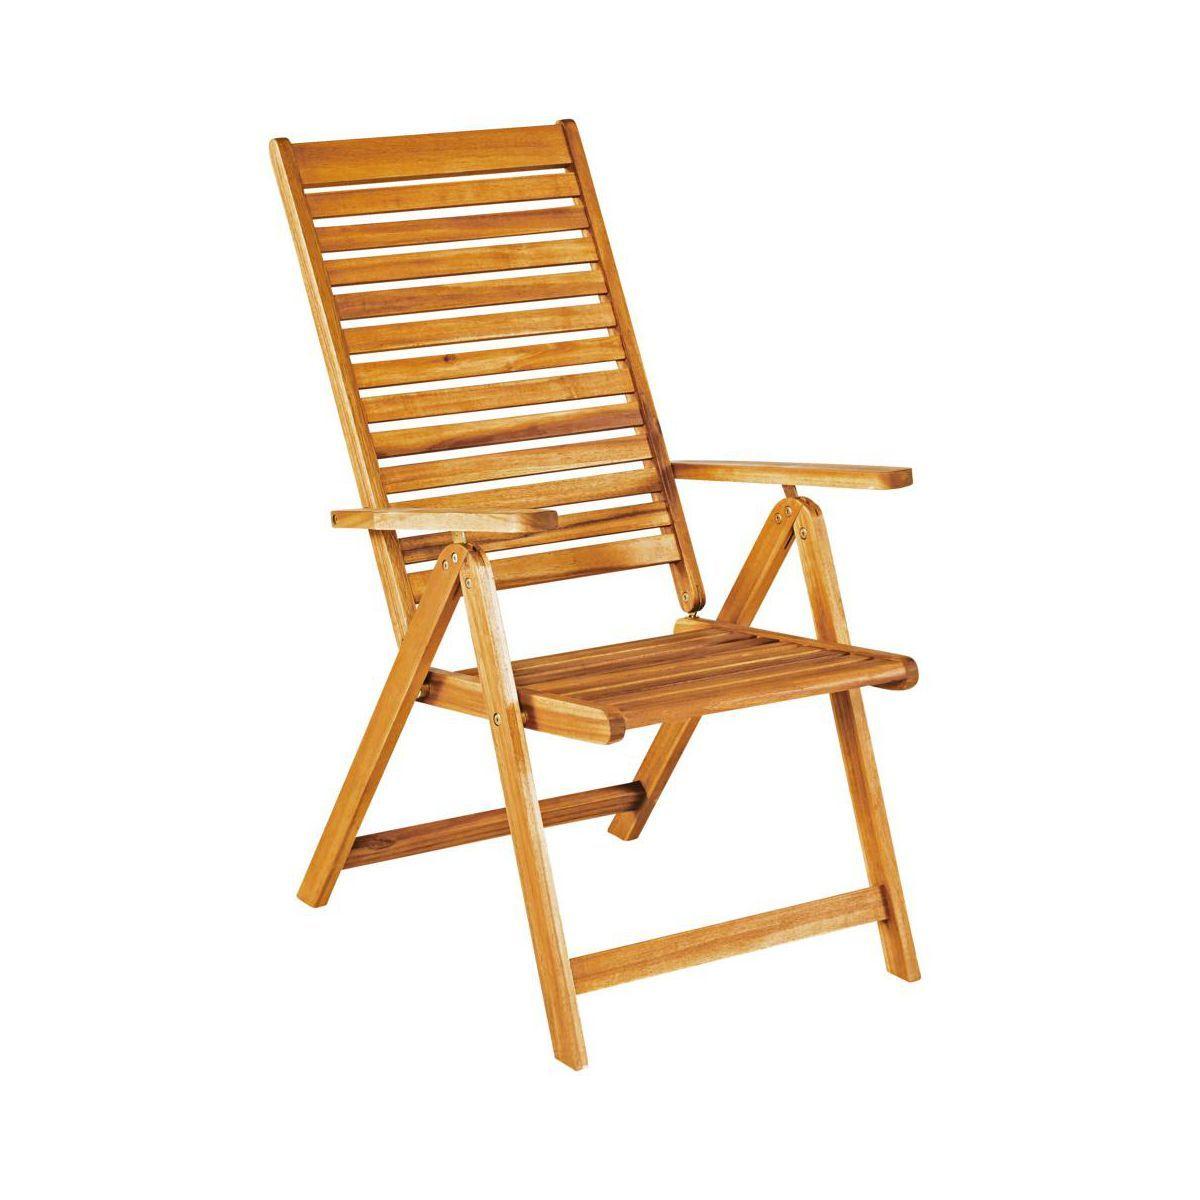 Fotel Ogrodowy Drewniany Porto Naterial 5 Pozycyjny Krzesla Fotele Lawki Ogrodowe W Atrakcyjnej Cenie W Sk Outdoor Furniture Outdoor Chairs Folding Chair